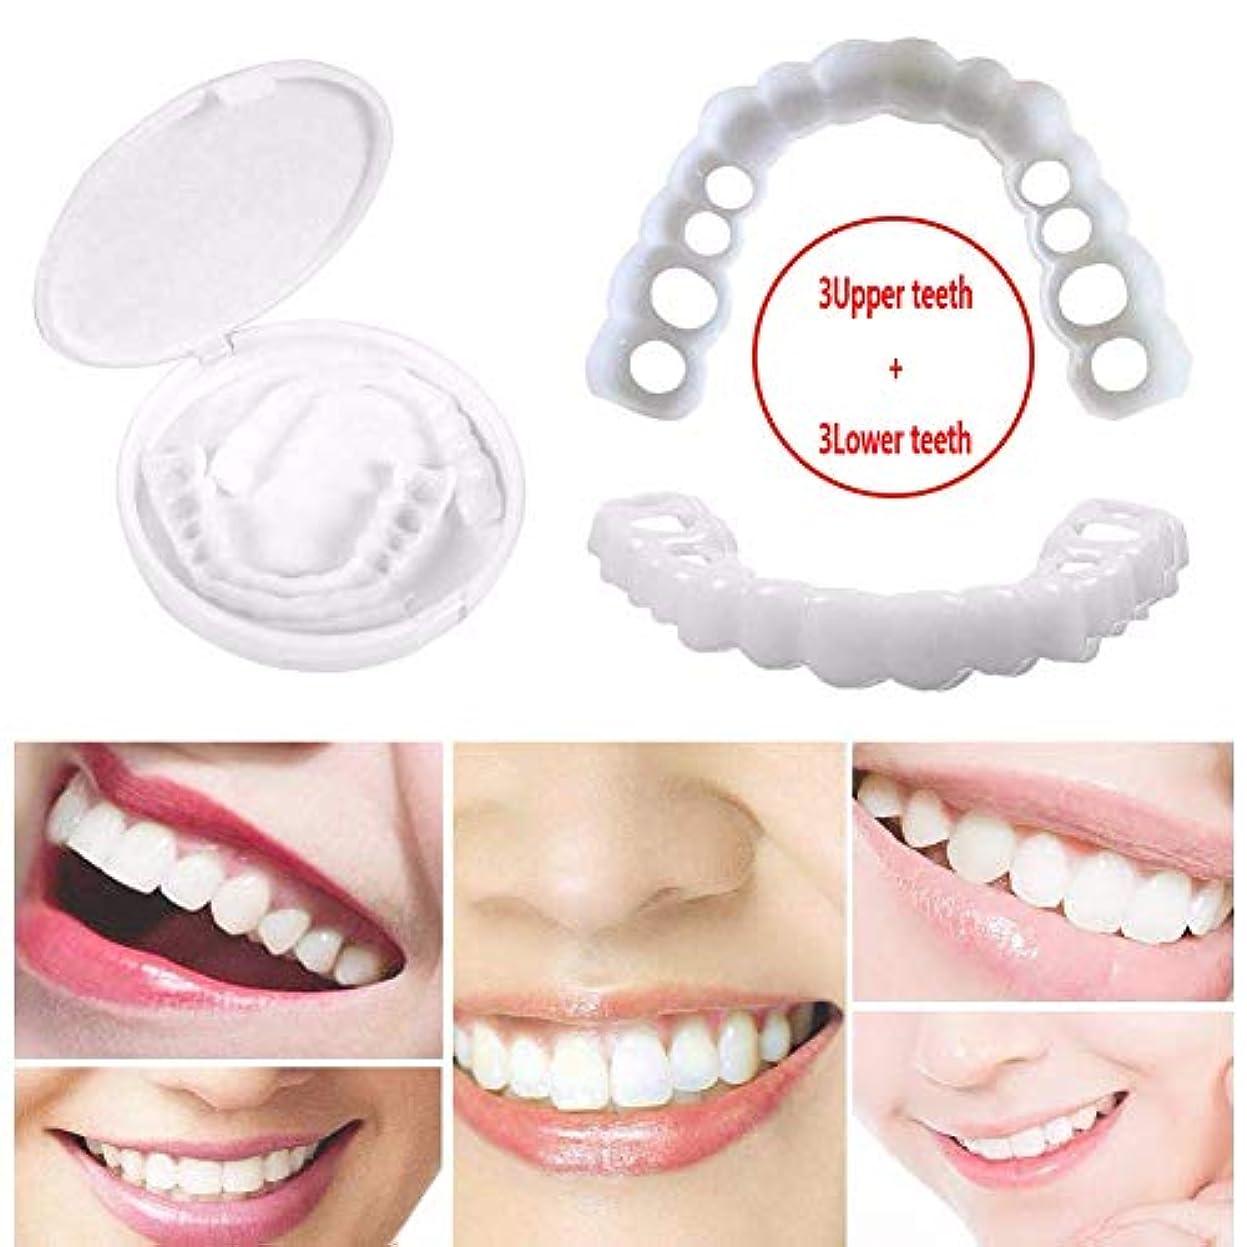 意気込みシビックコメンテーター3組の一時的な歯の白くなること、一時的な化粧品の歯の義歯の化粧品は収納箱が付いているブレースを模倣しました,3upperteeth+3lowerteeth